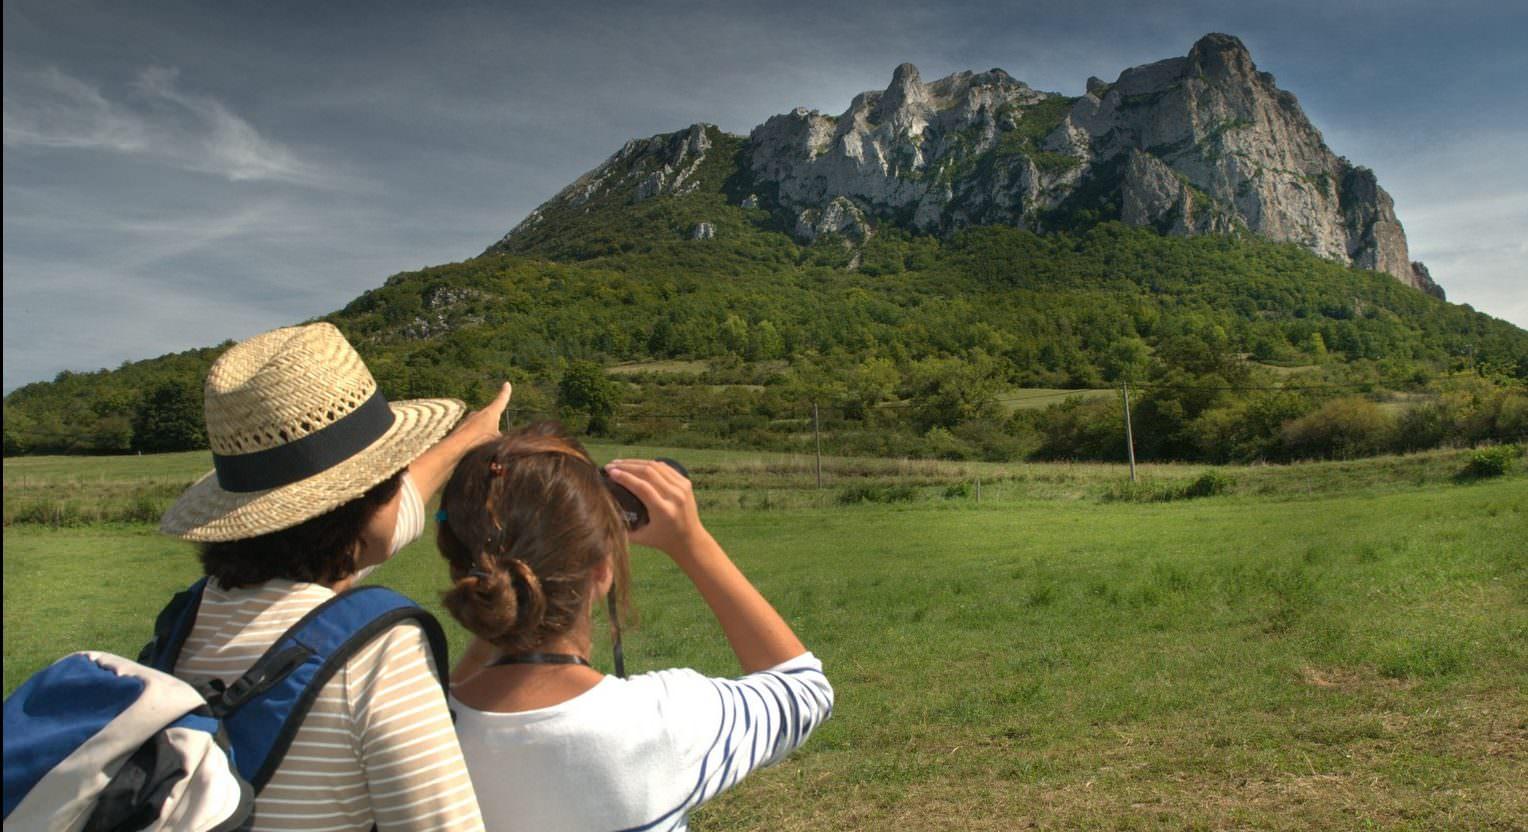 Vue sur le Pech de Bugarach © jl-socquet-juglard